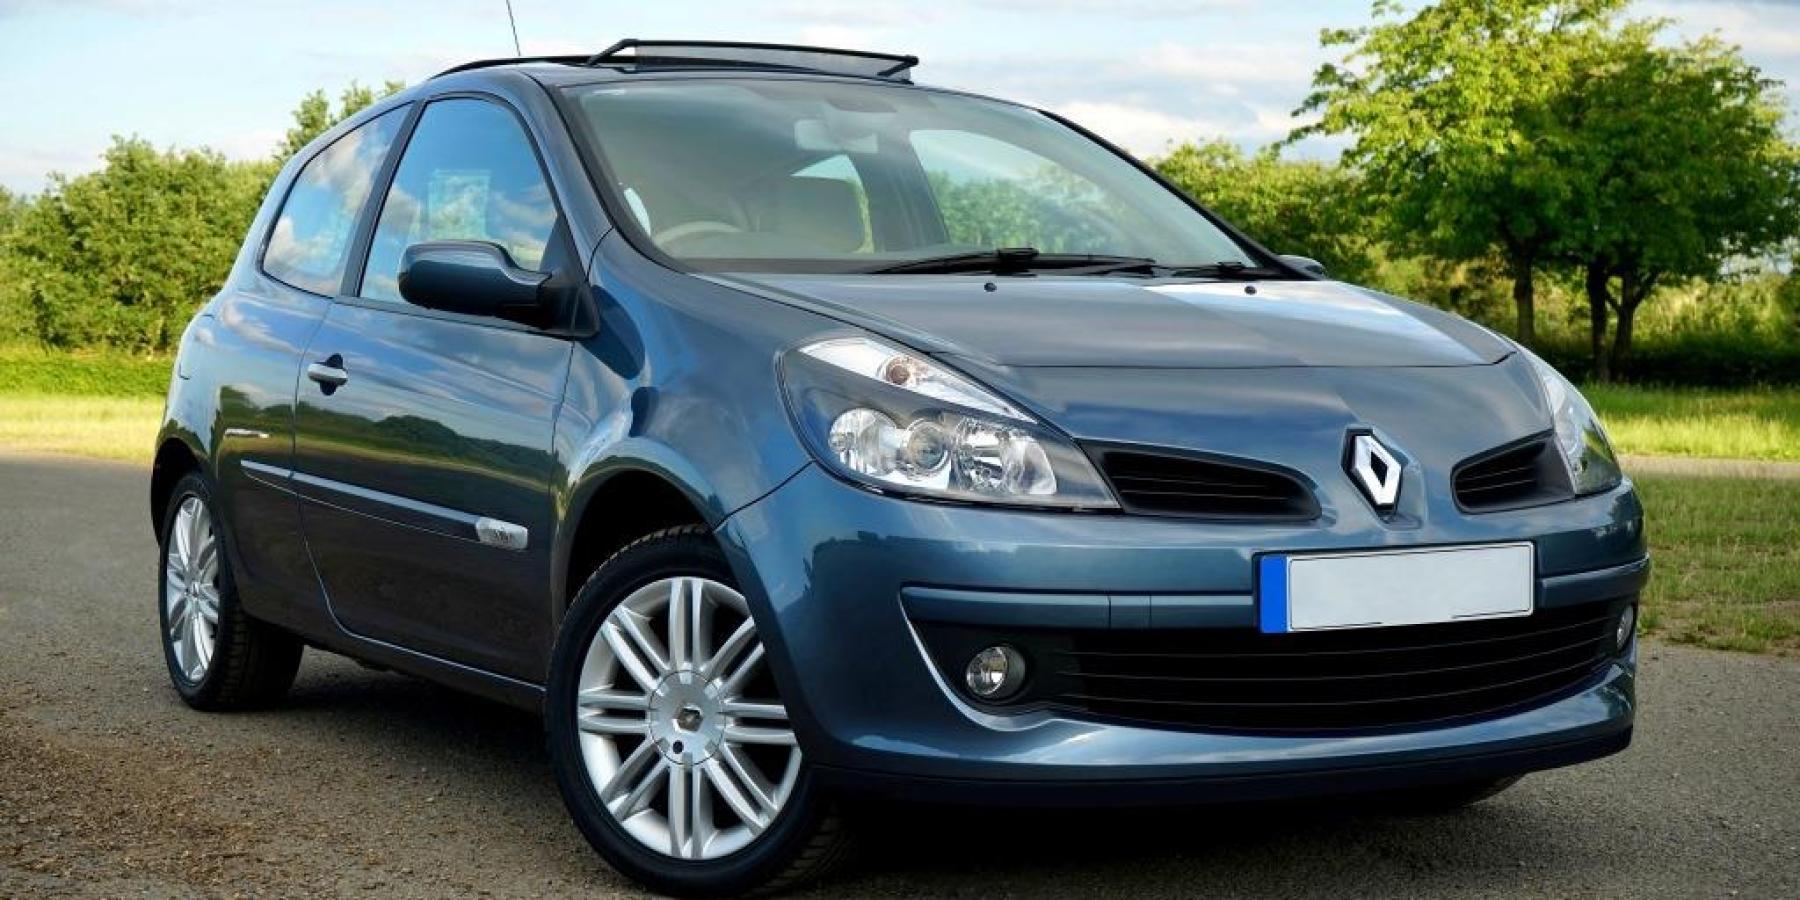 Zu schnell und betrunken um die Ecke gefahren – Peugeot prallt gegen Ampelmast